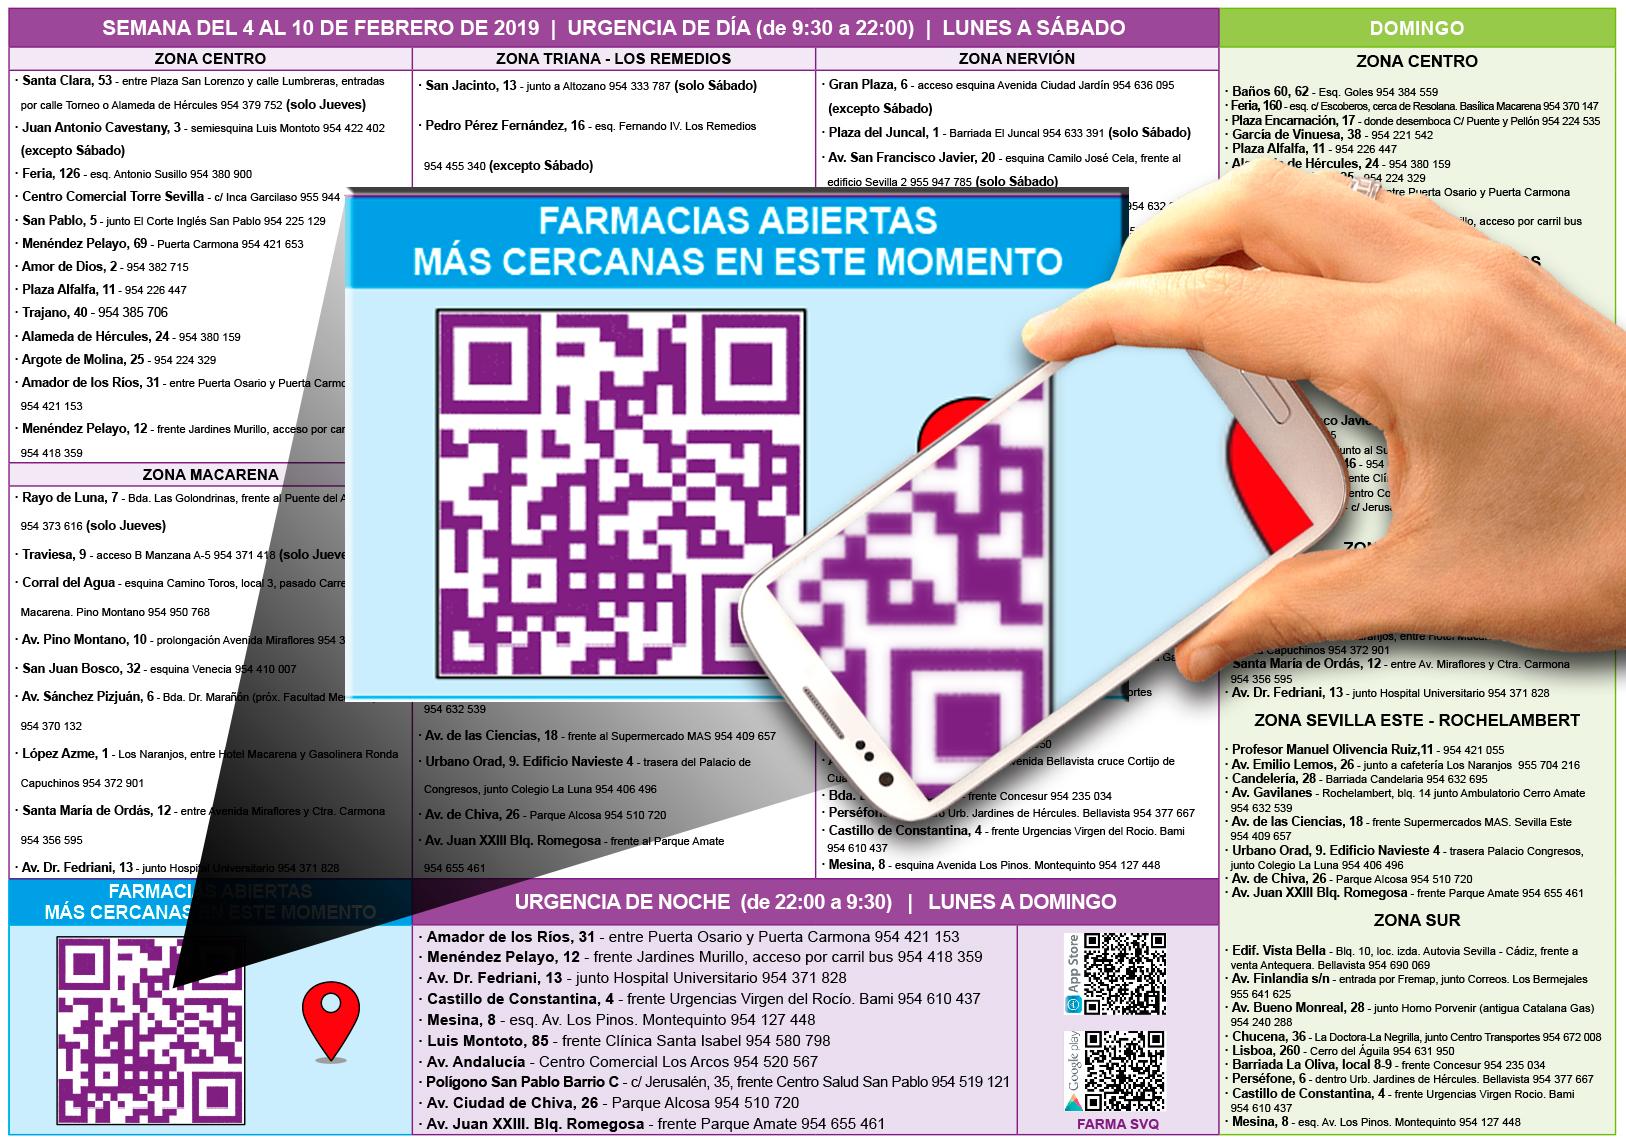 Las farmacias de Sevilla incorporan un código QR en sus carteles de guardia para localizar al instante aquellas del entorno que permanezcan abiertas